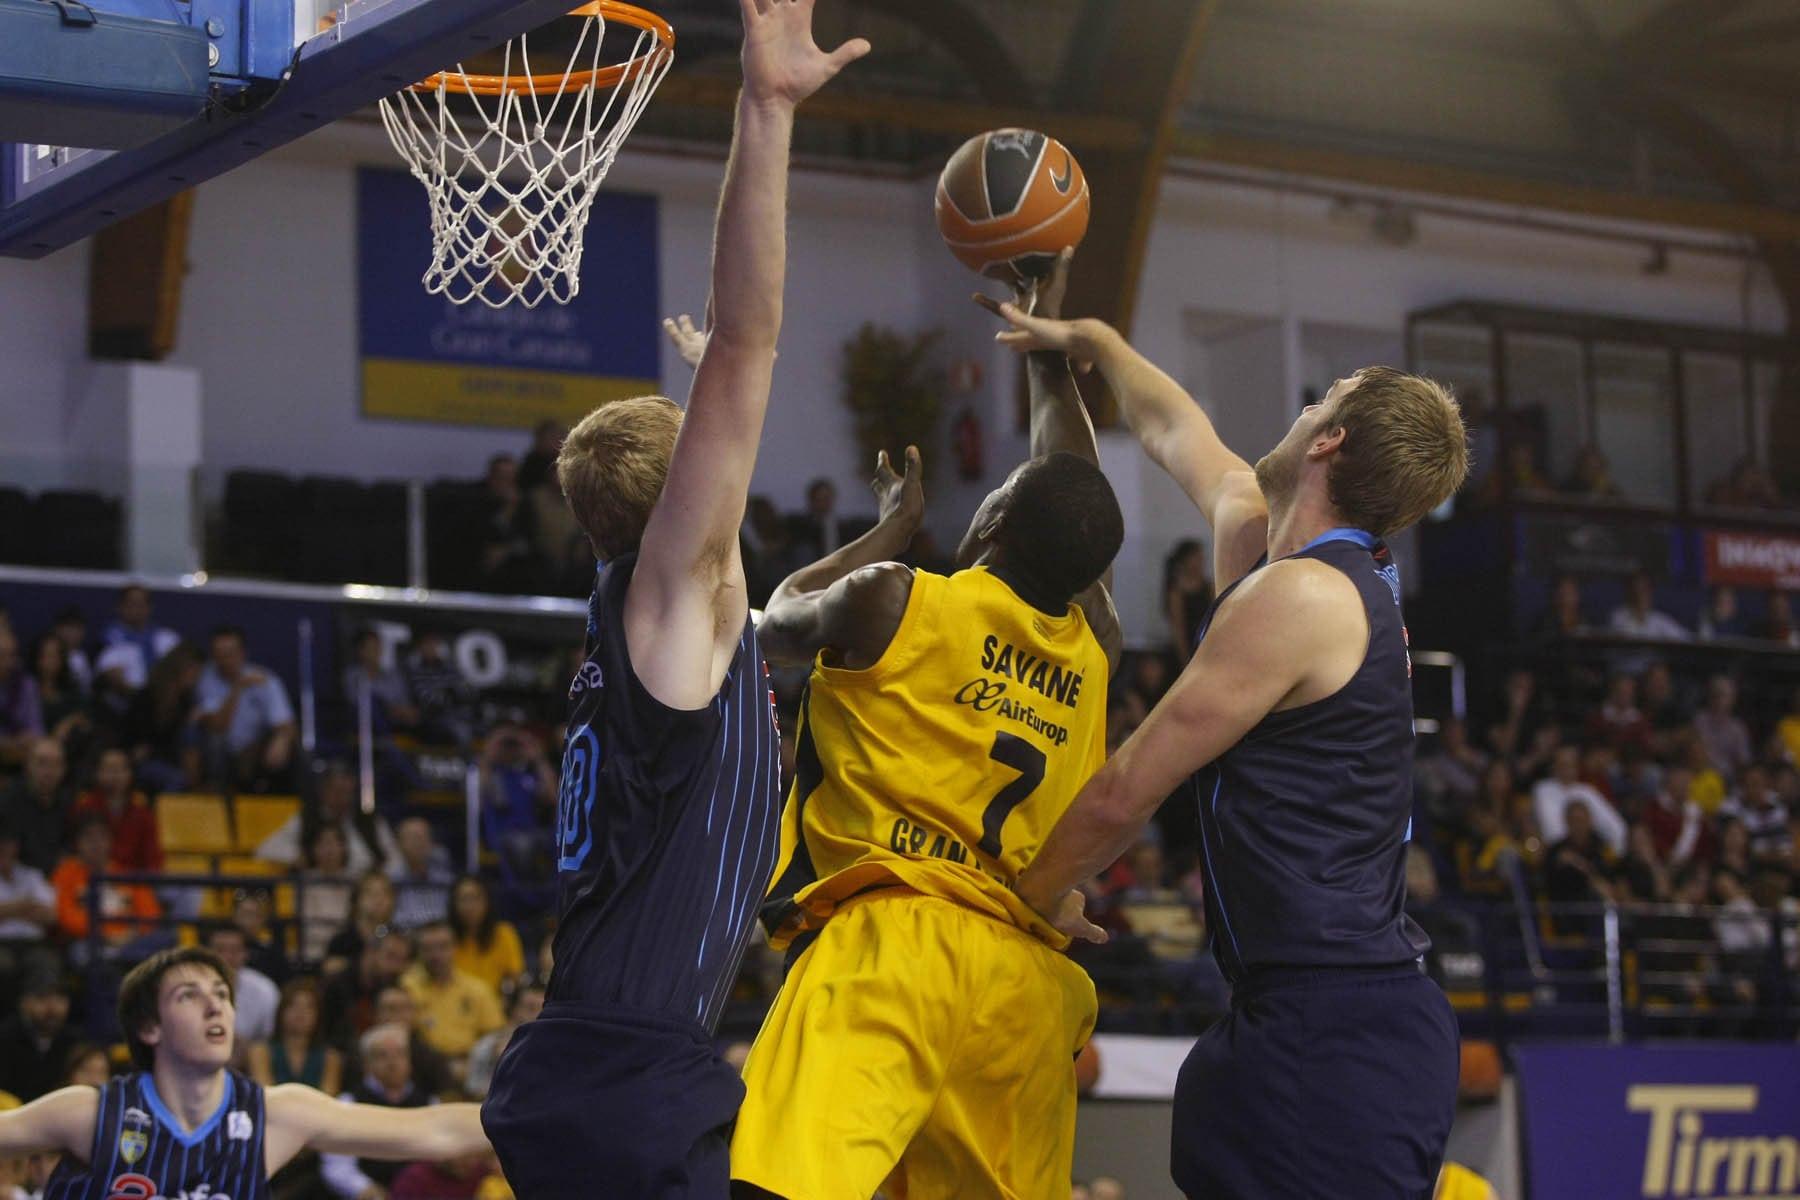 Vistazo al rival: Gran Canaria 2014, aprendiendo a sufrir